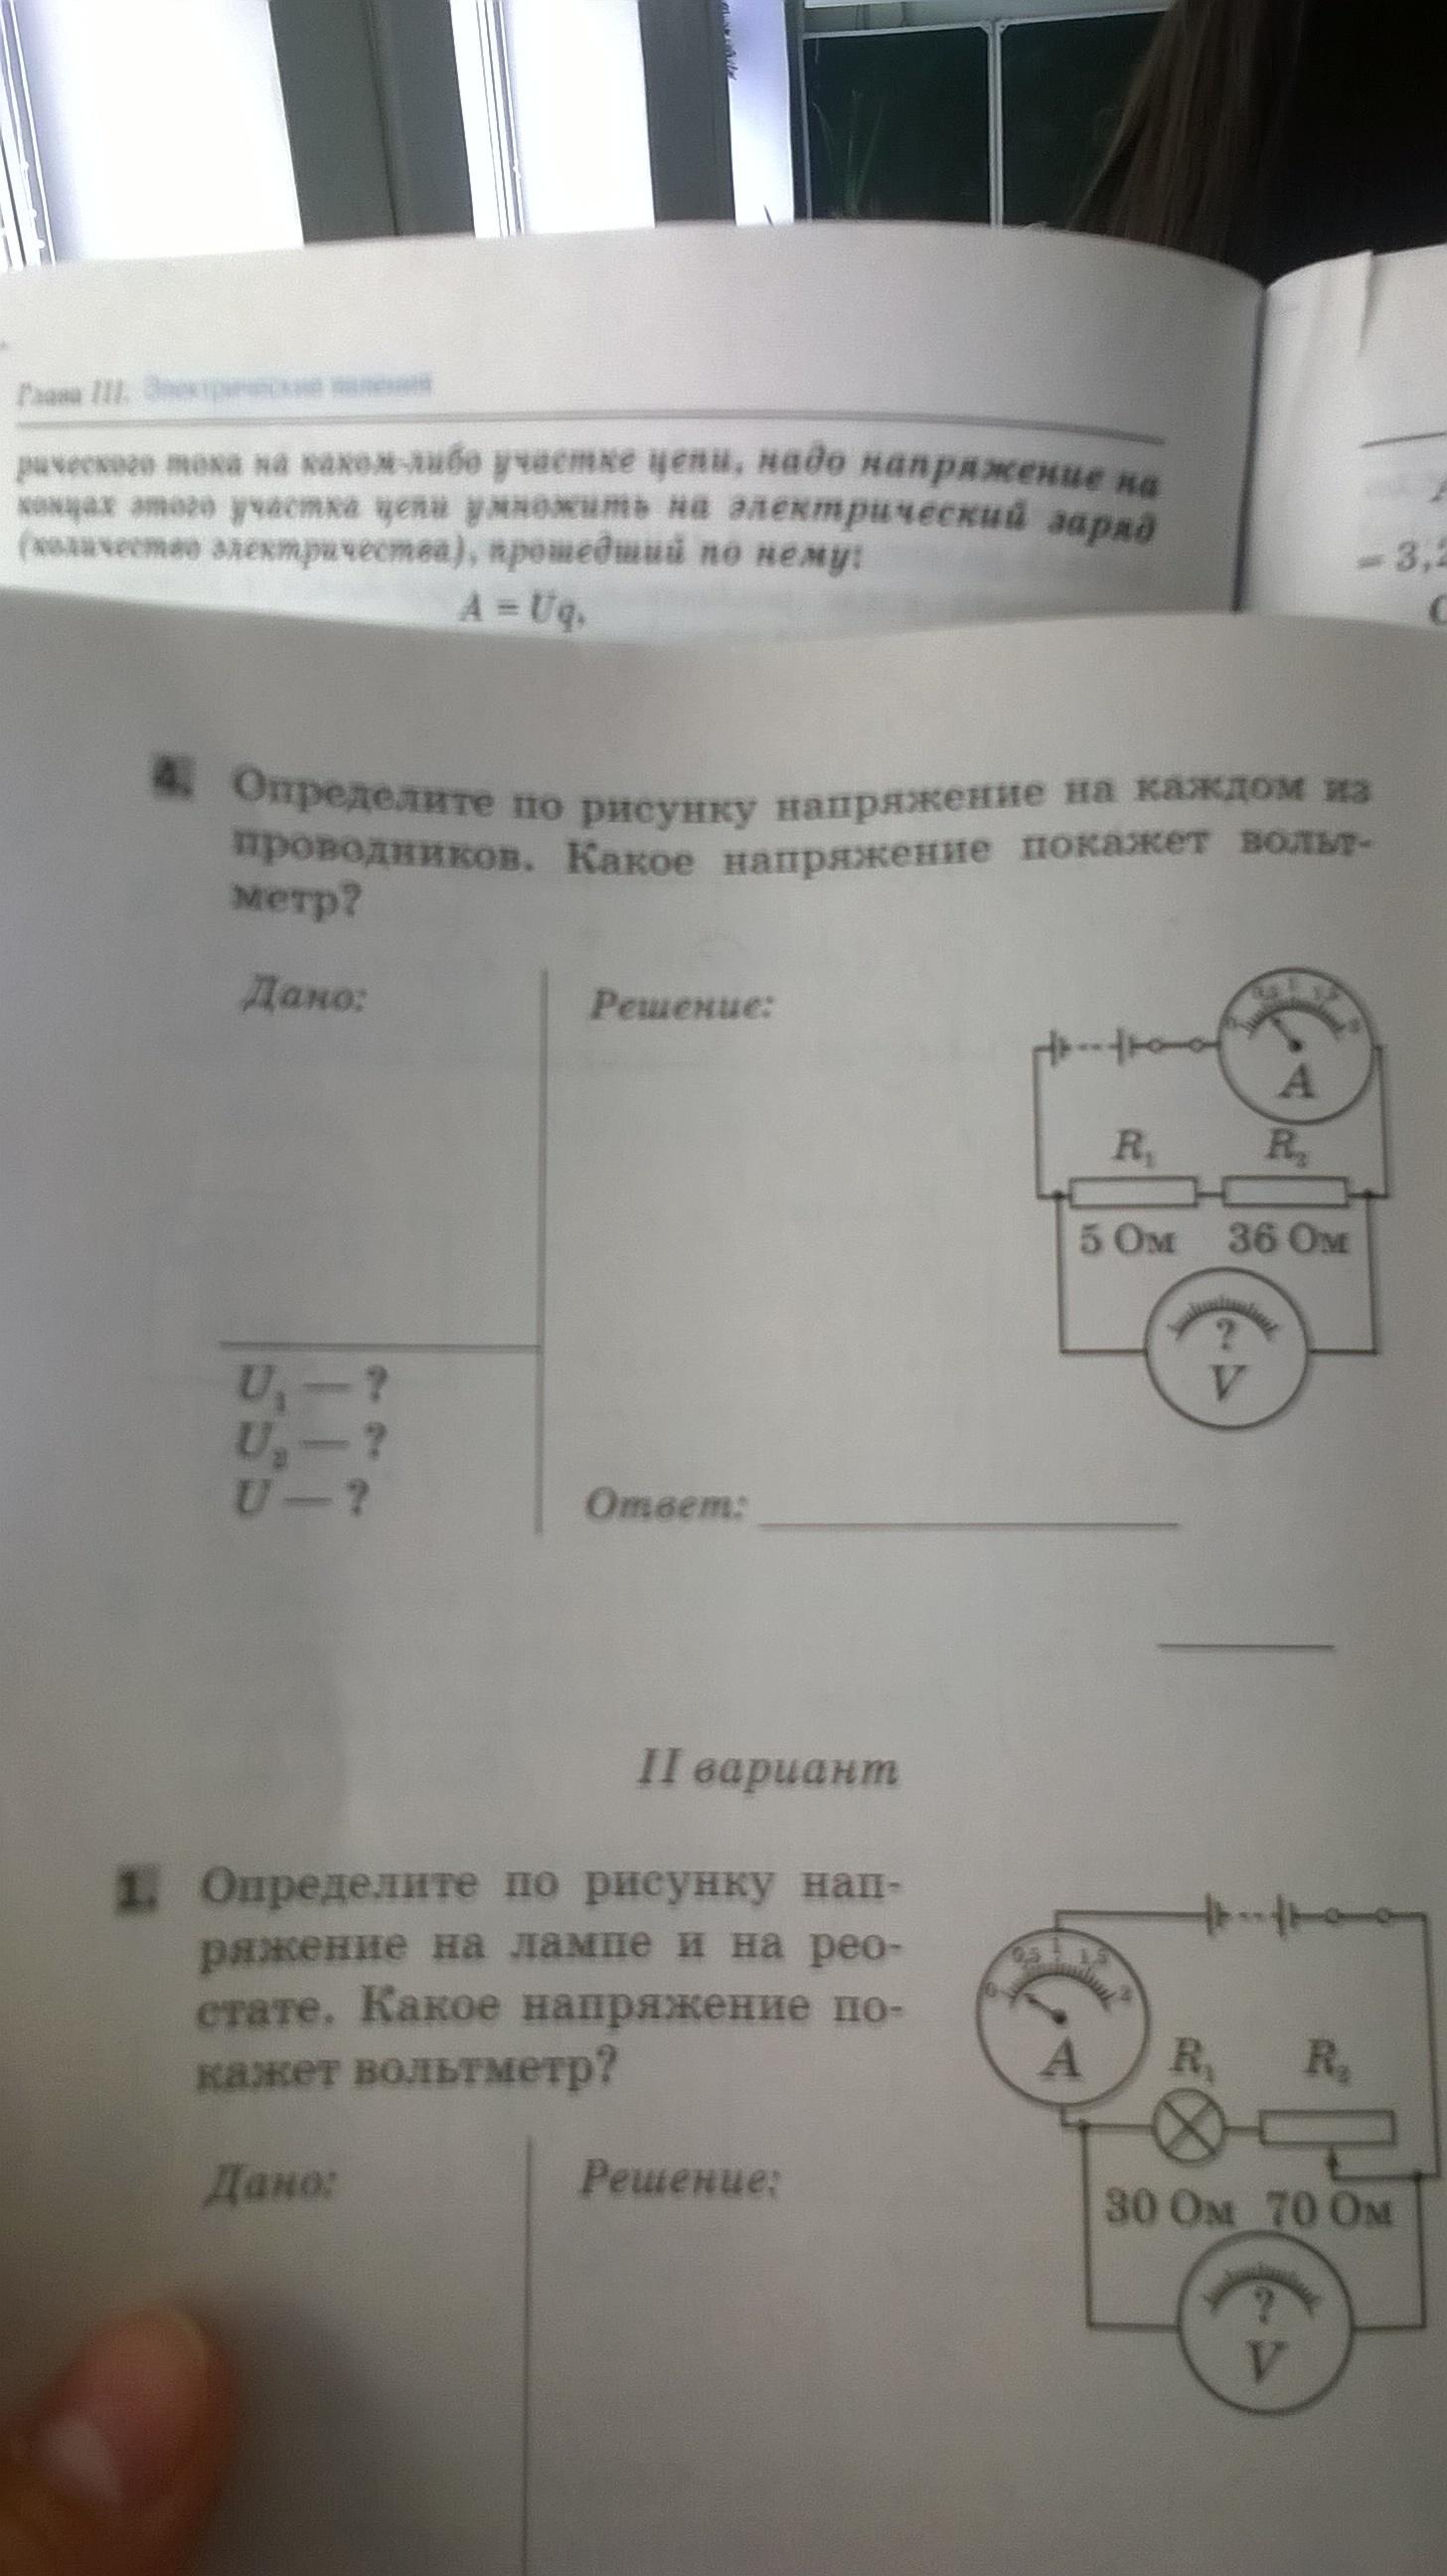 Помогите плз! Лабораторная работа 8 класс. Последовательное и параллельное соединение проводников